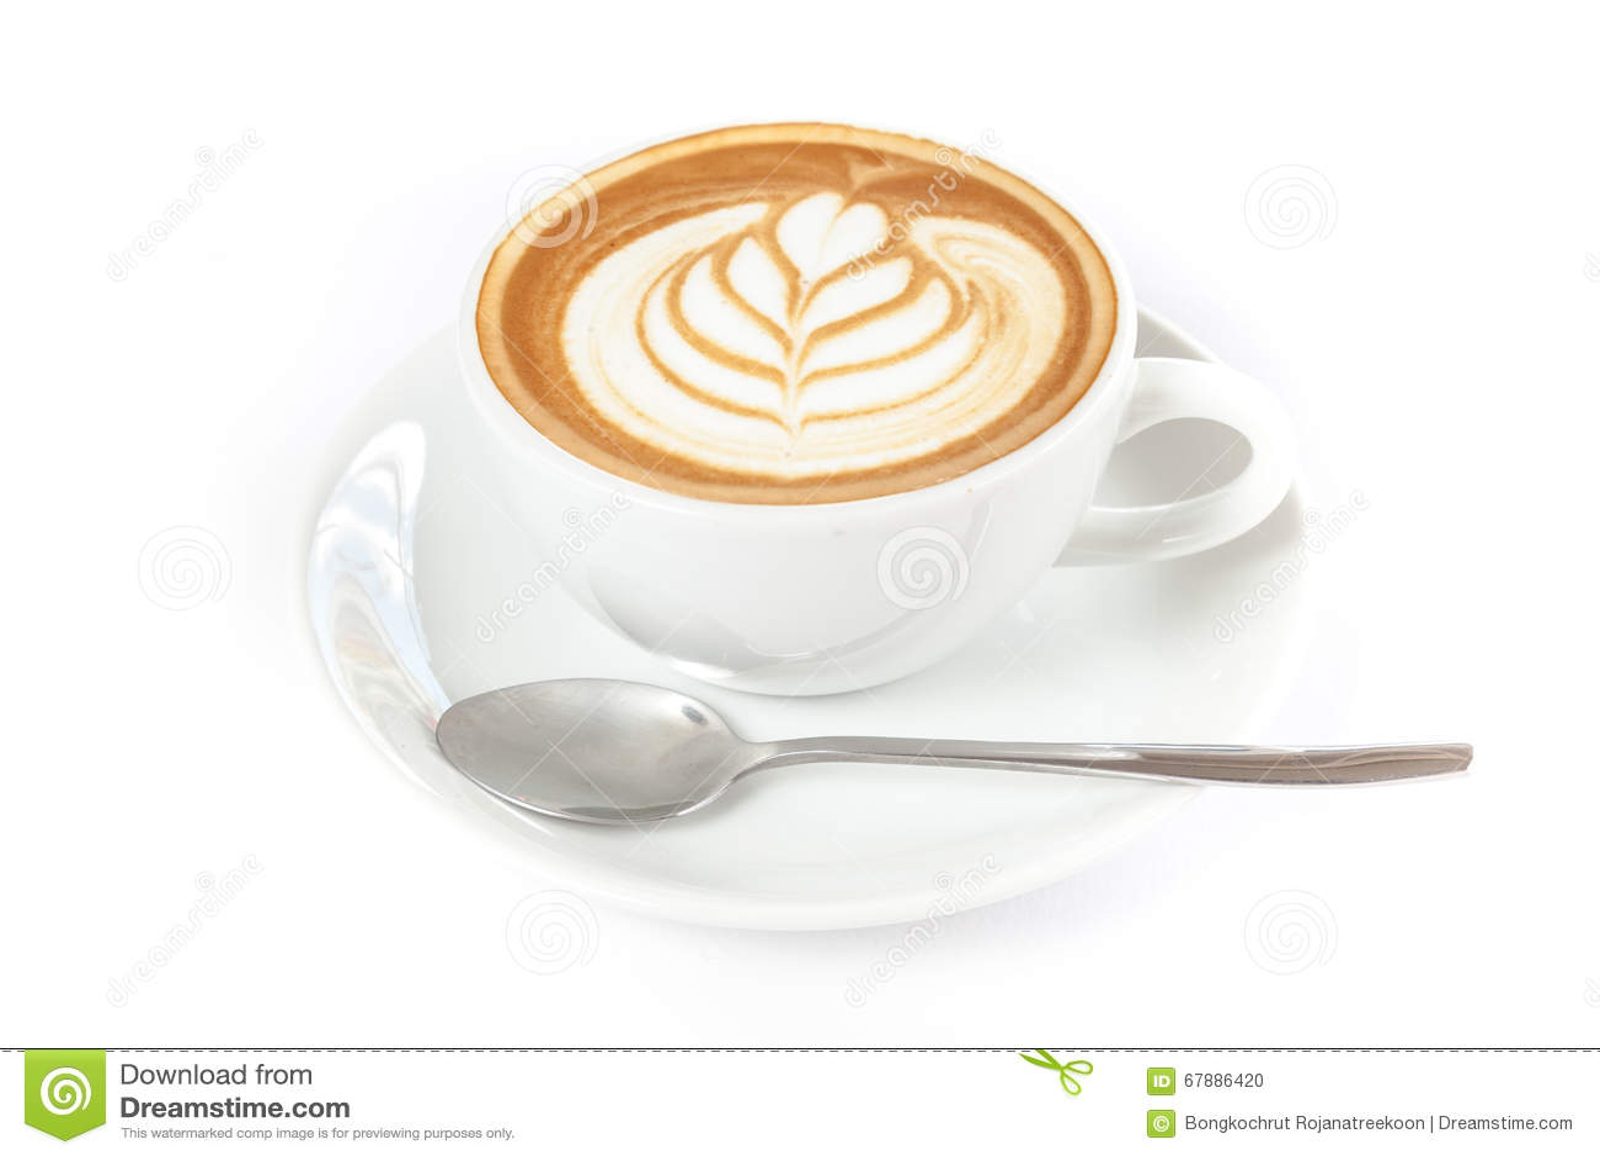 一杯咖啡与拿铁艺术的在上面